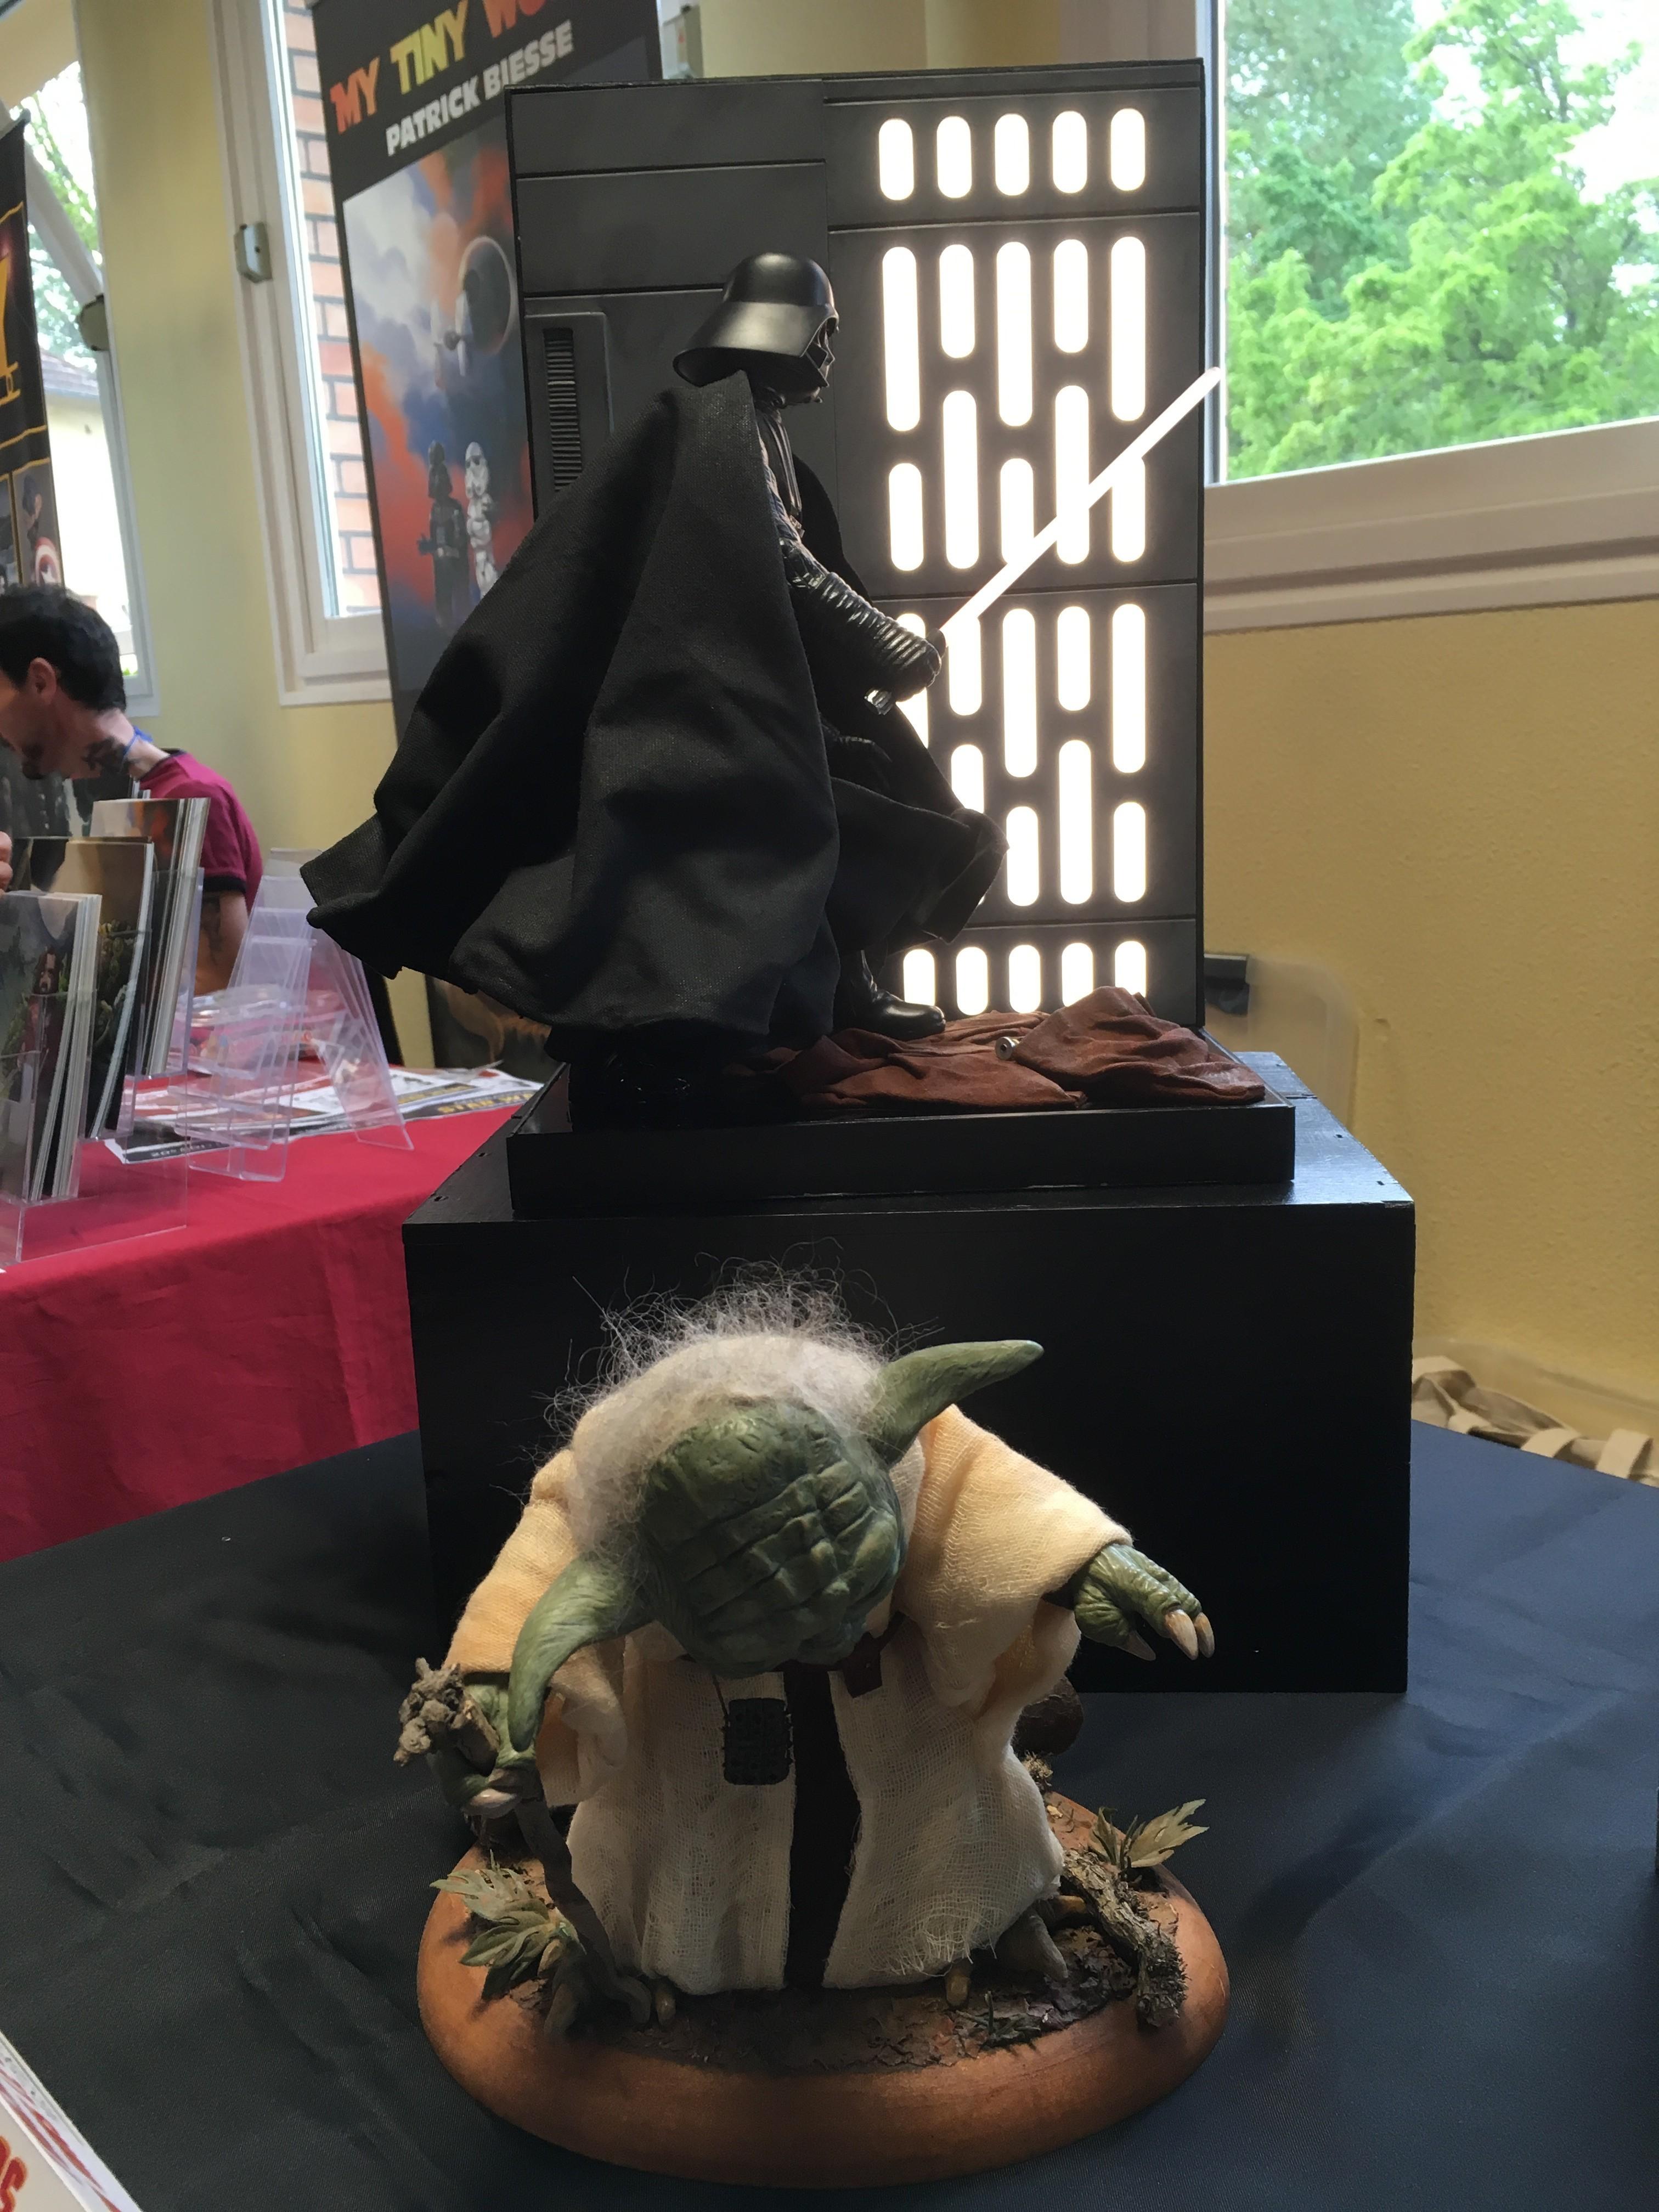 Générations Star Wars et SF 20ème édition - Cusset - 28 et 29 avril 2018 XU1g8V